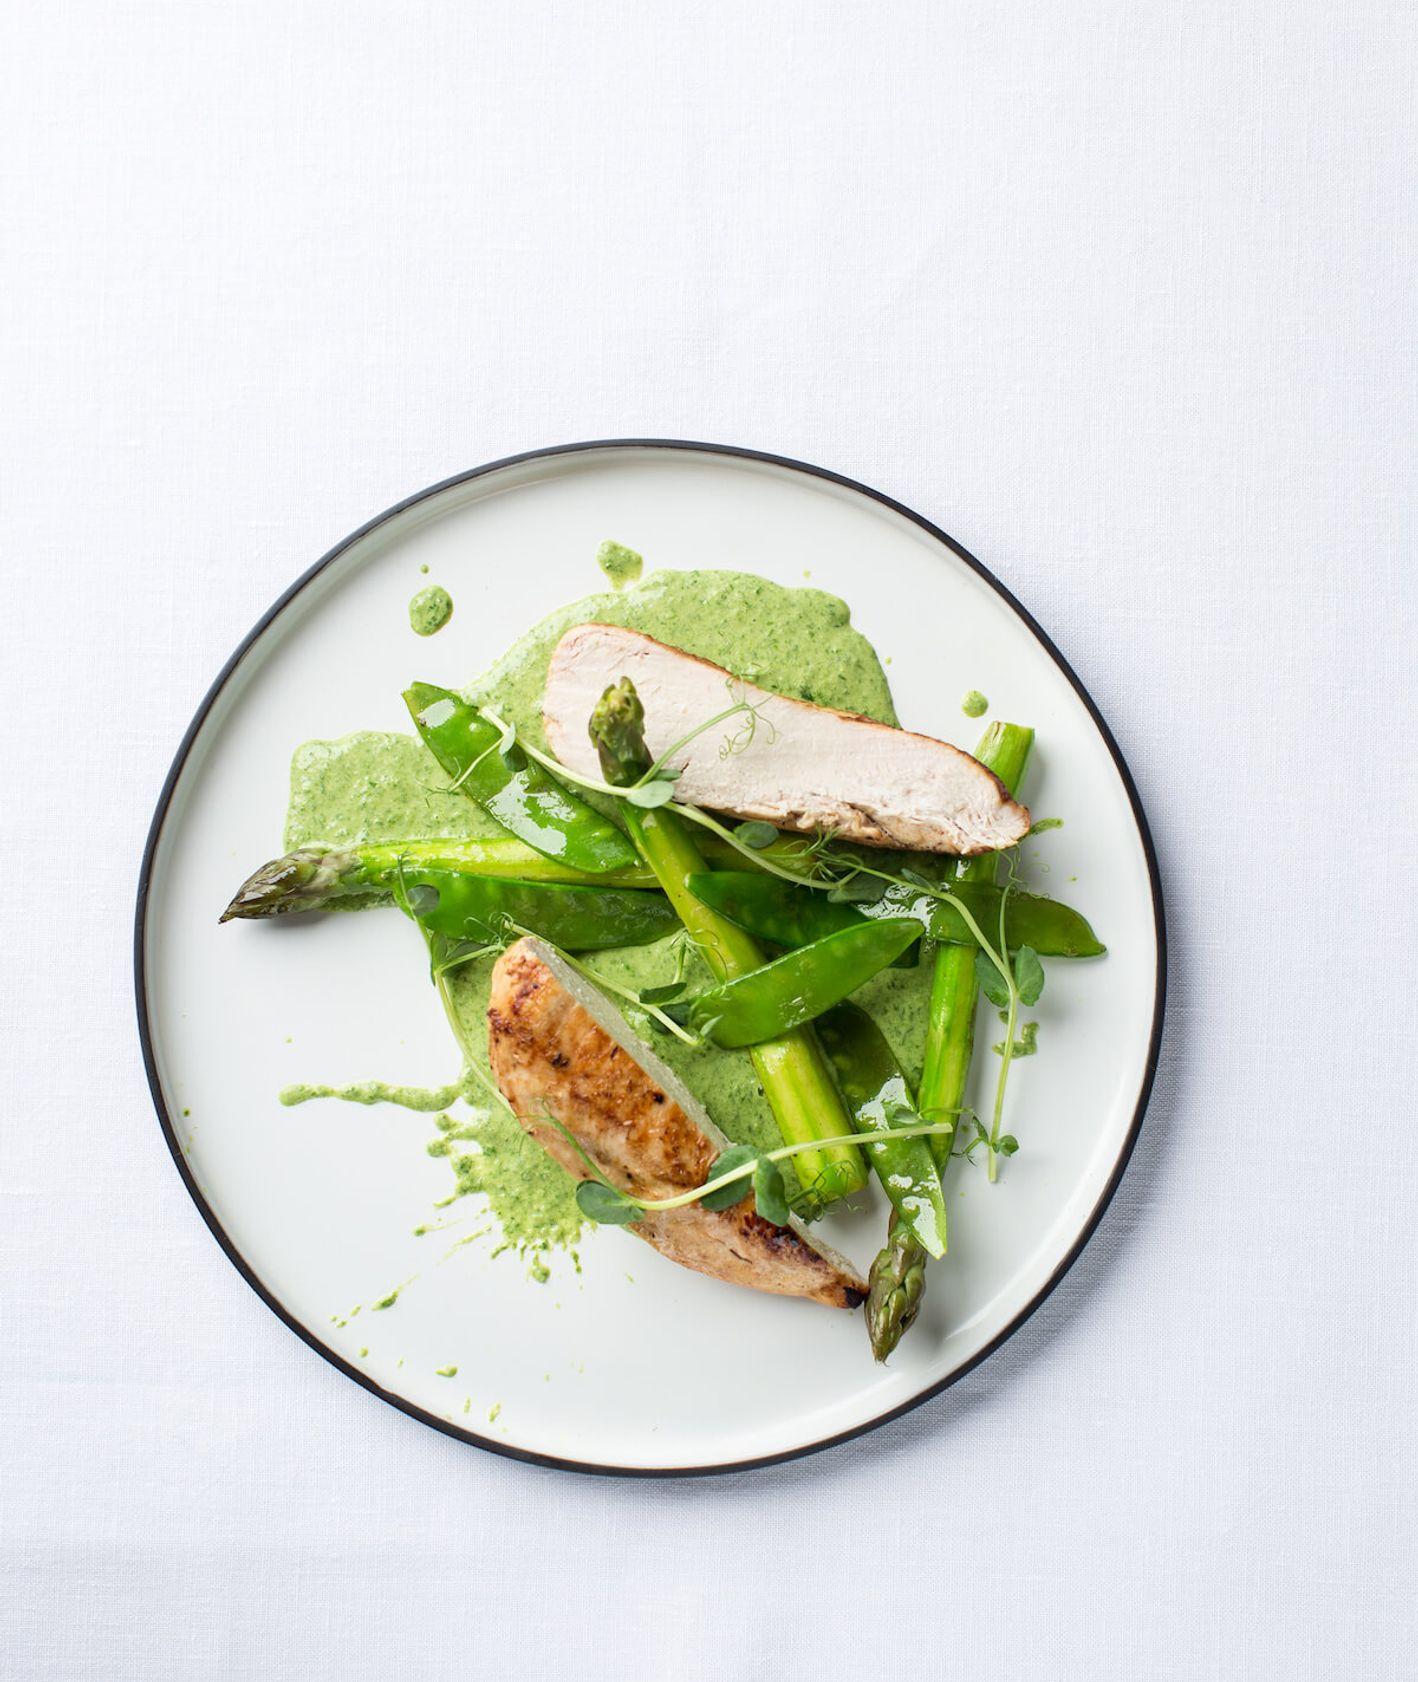 kurczak, zielony kurczak, przepis na wielkanoc, soczysty kurczak